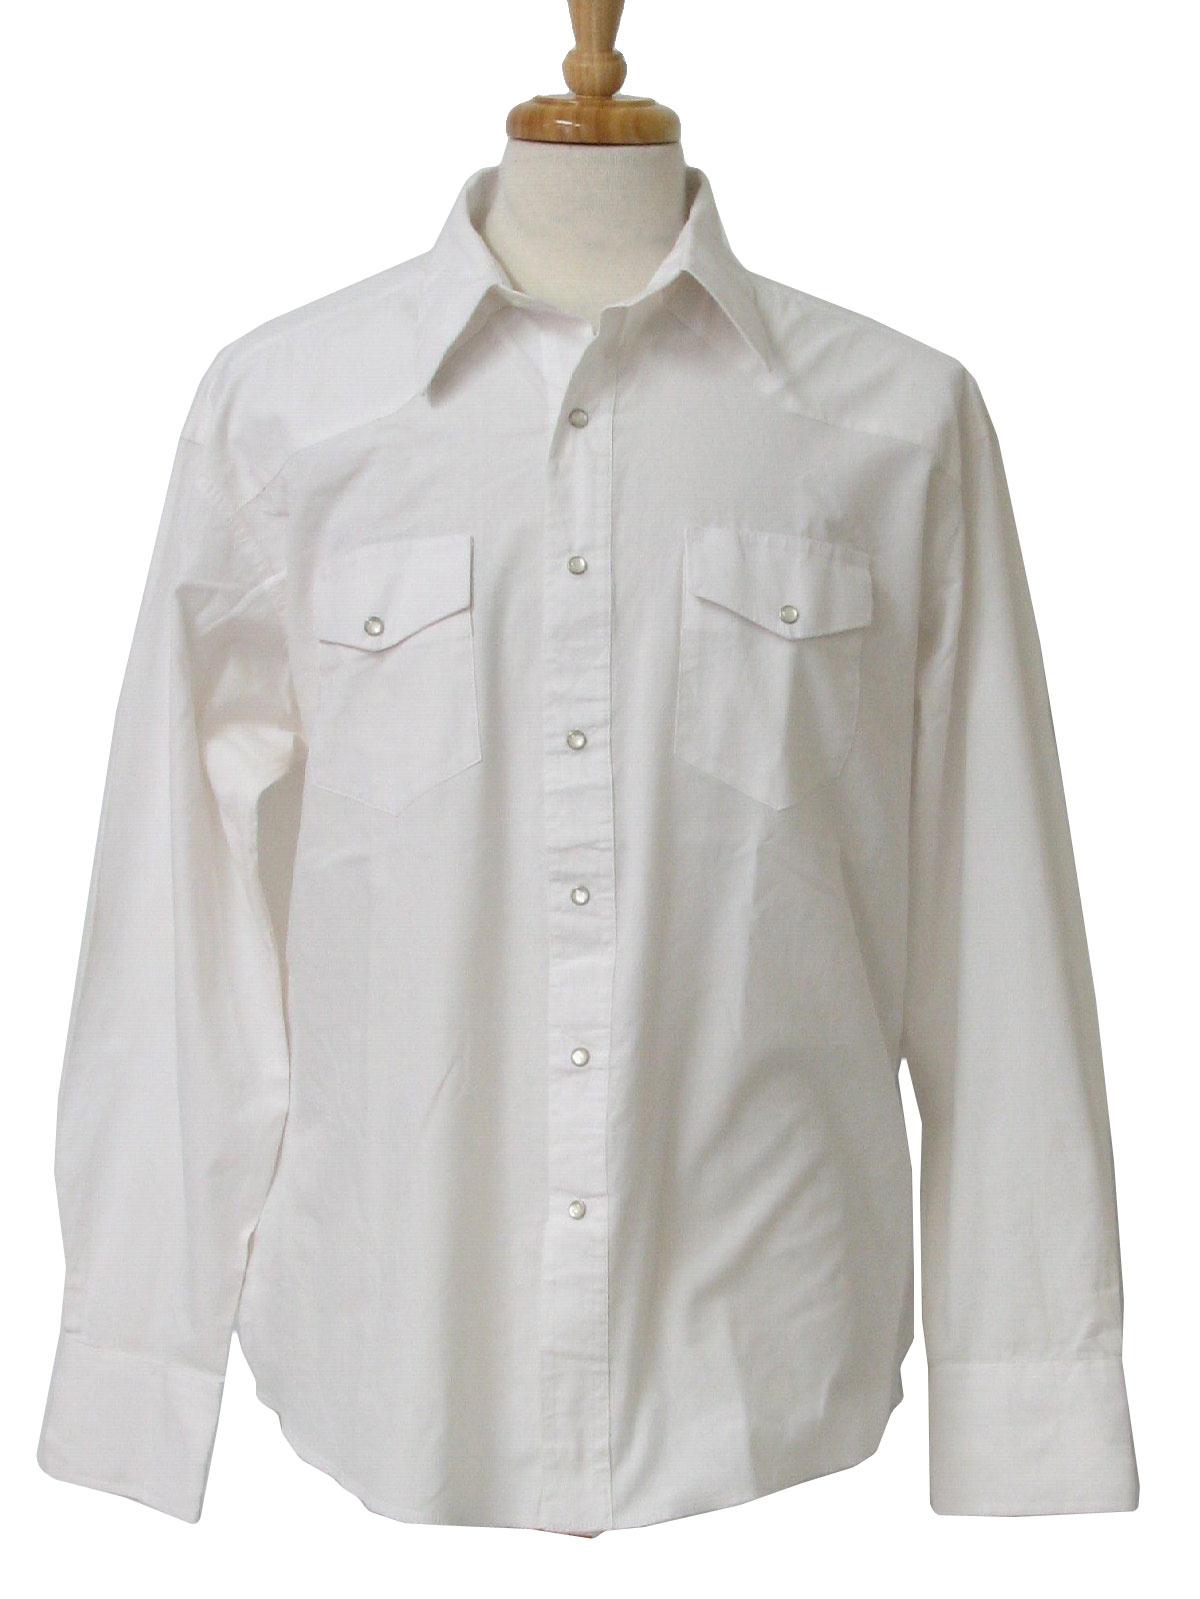 Vintage Wrangler 80's Western Shirt: 80s -Wrangler- Mens white ...